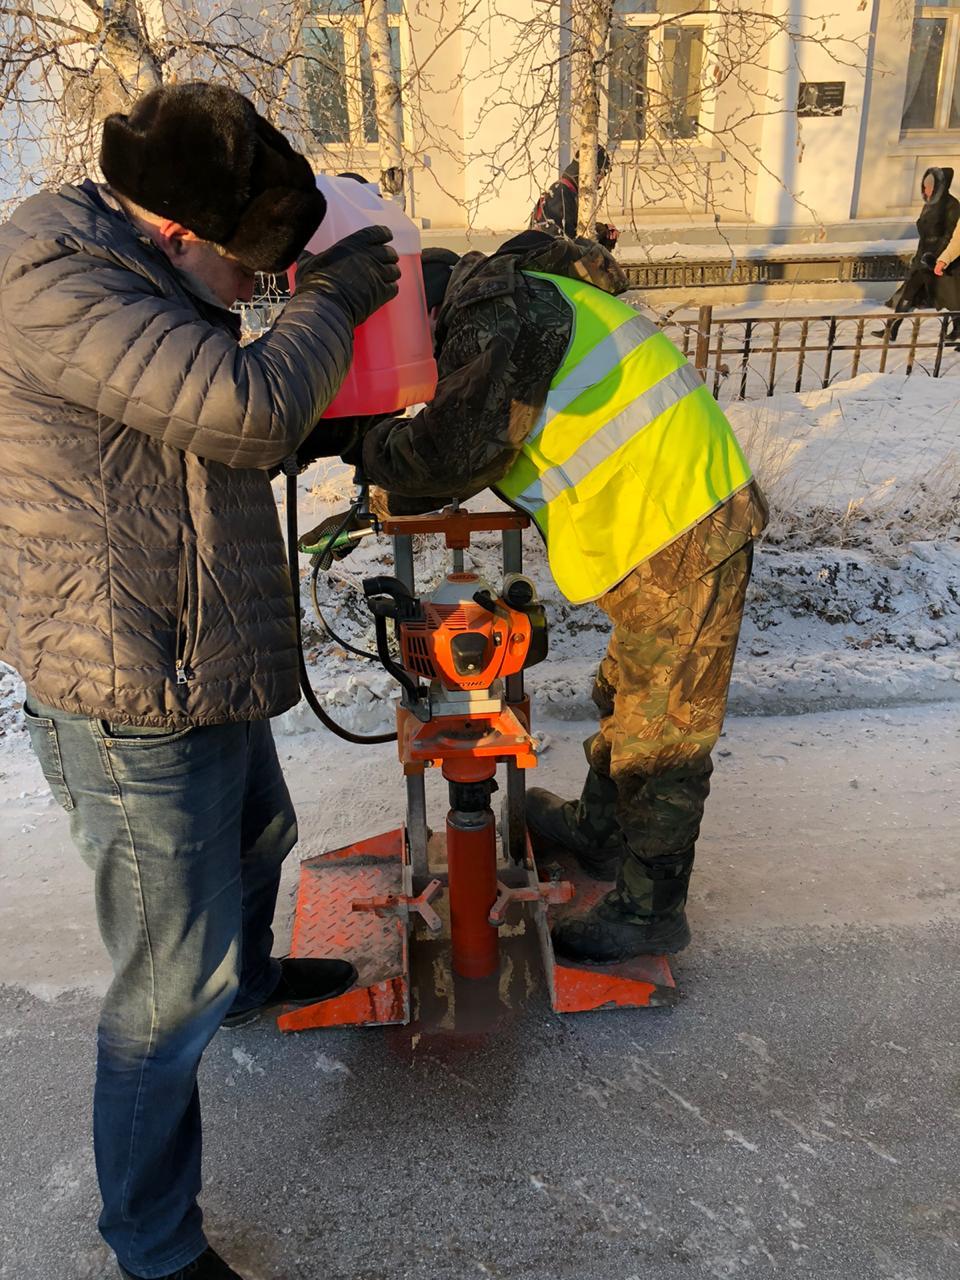 На ул. Петровского берут пробы асфальтобетонного покрытия для лабораторных исследований